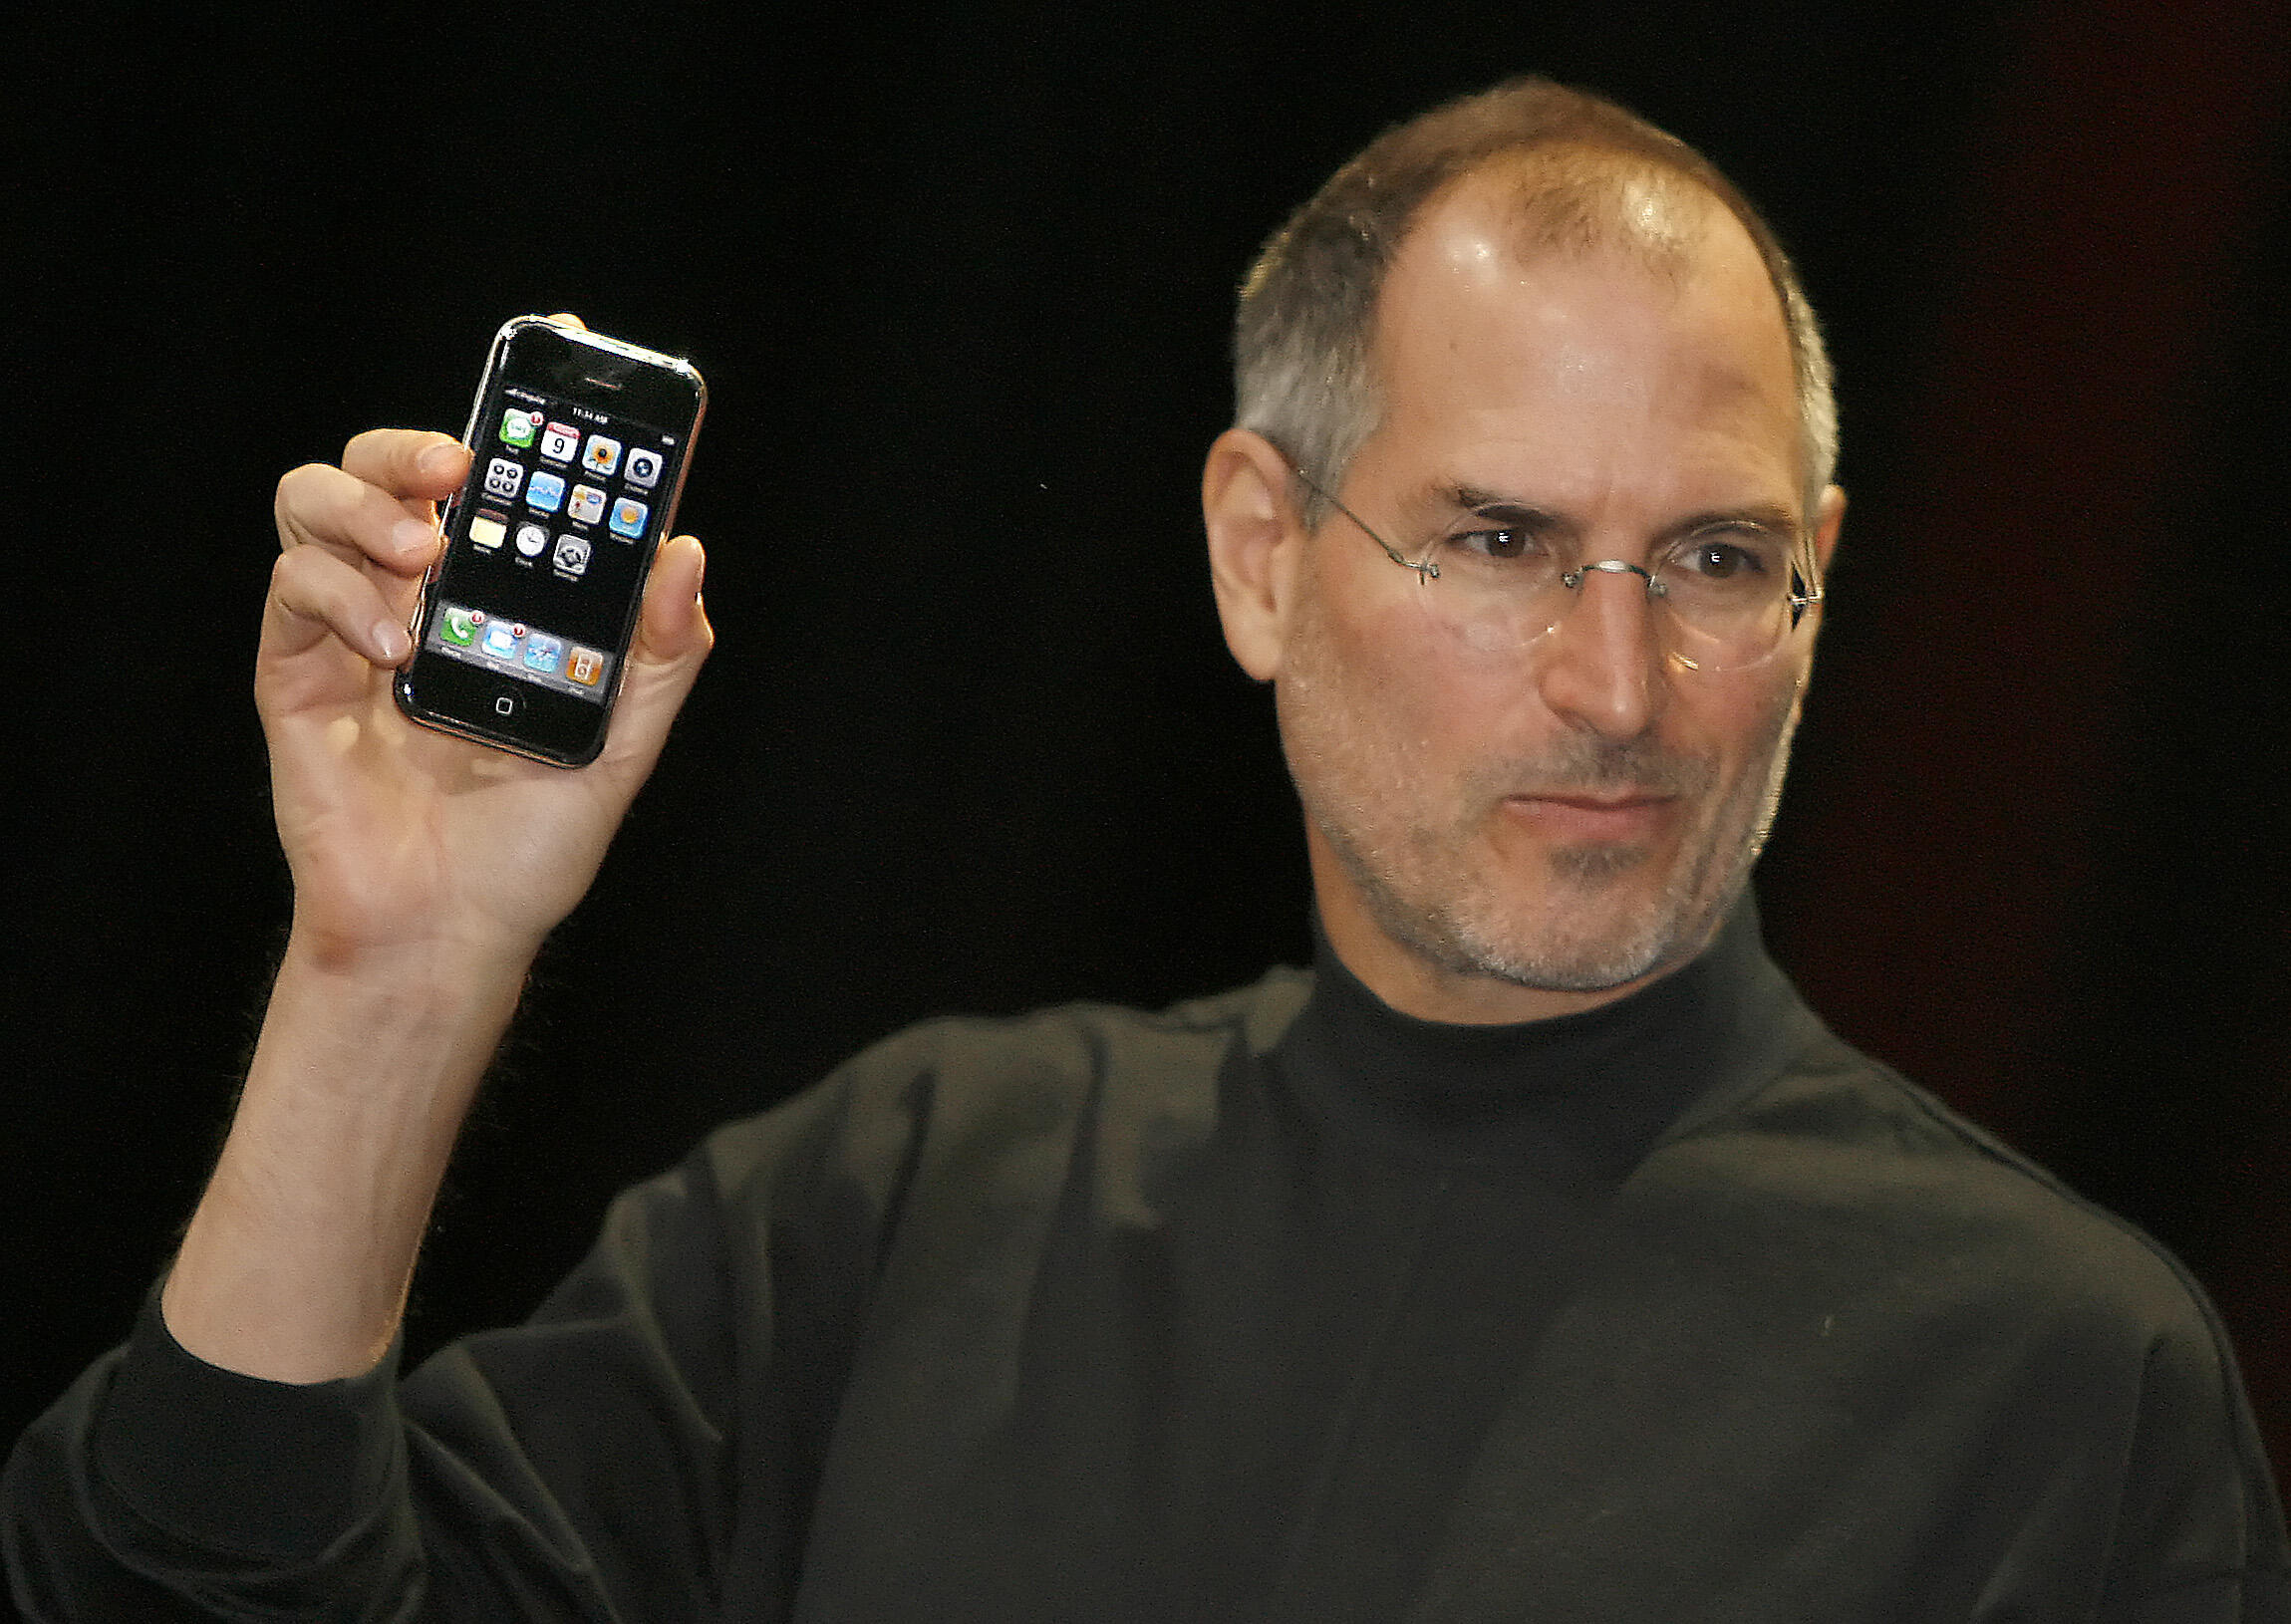 Steve Jobs apresenta o primeiro iPhone em São Francisco, há exatamente 10 anos atrás.